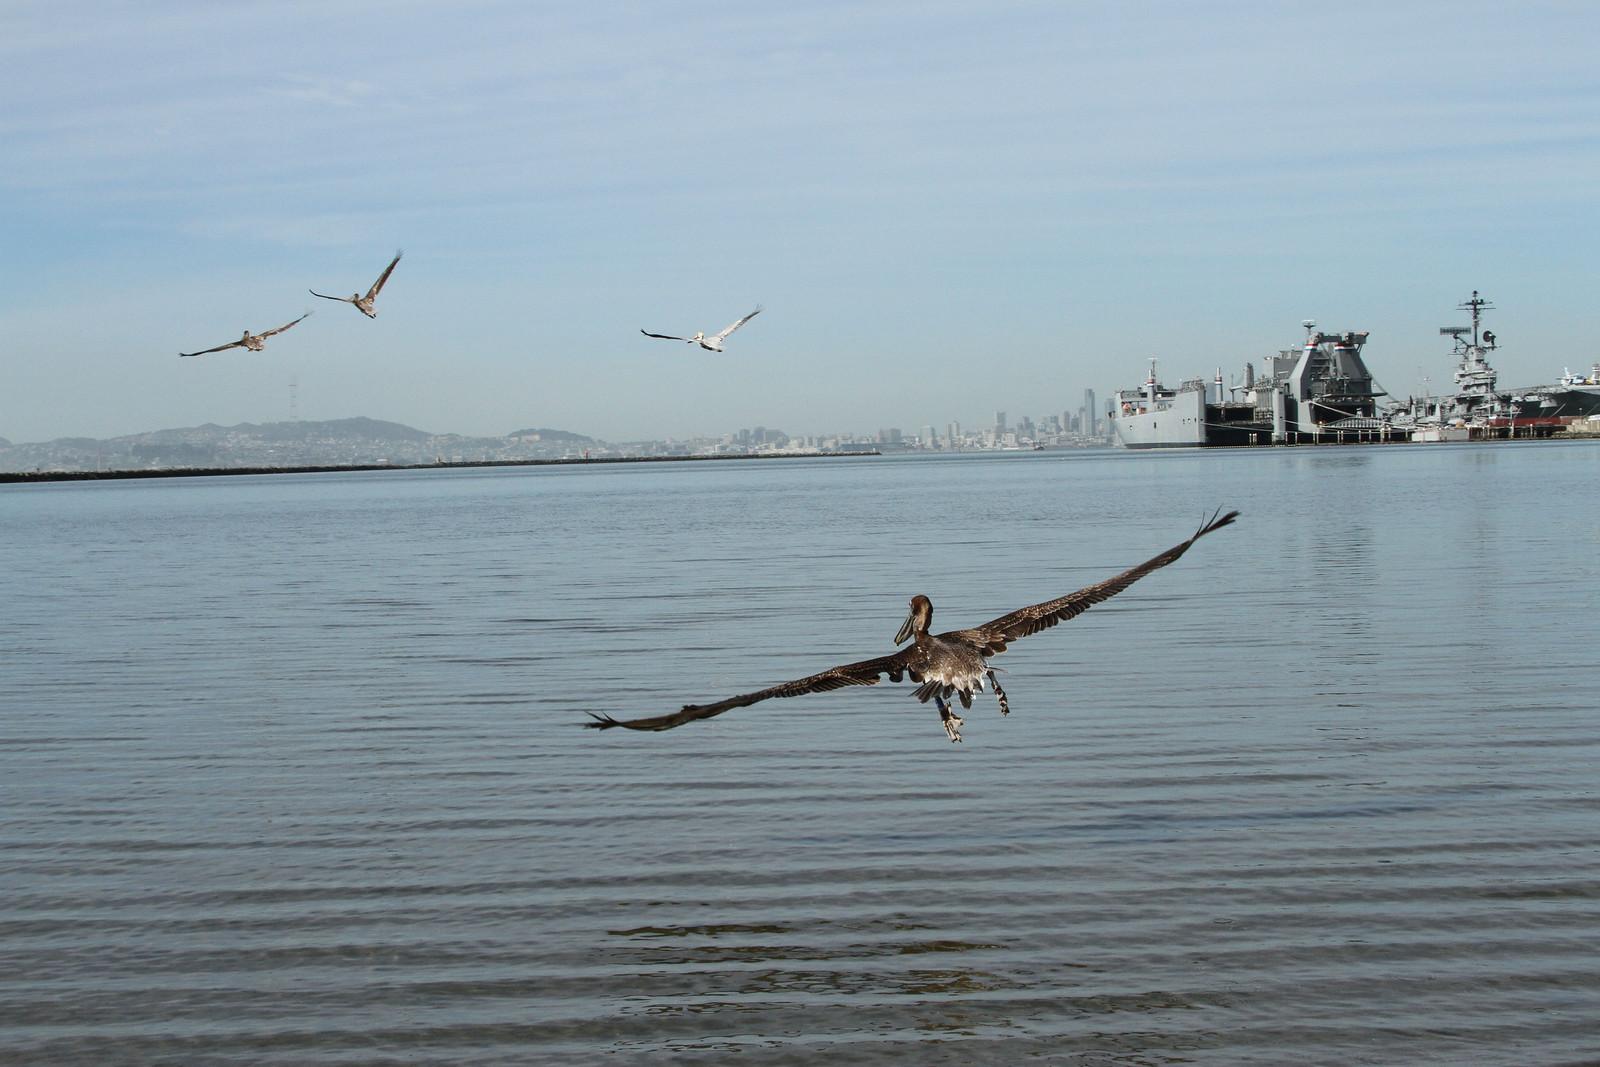 Pelicans-Alameda-Release-SF-skyline